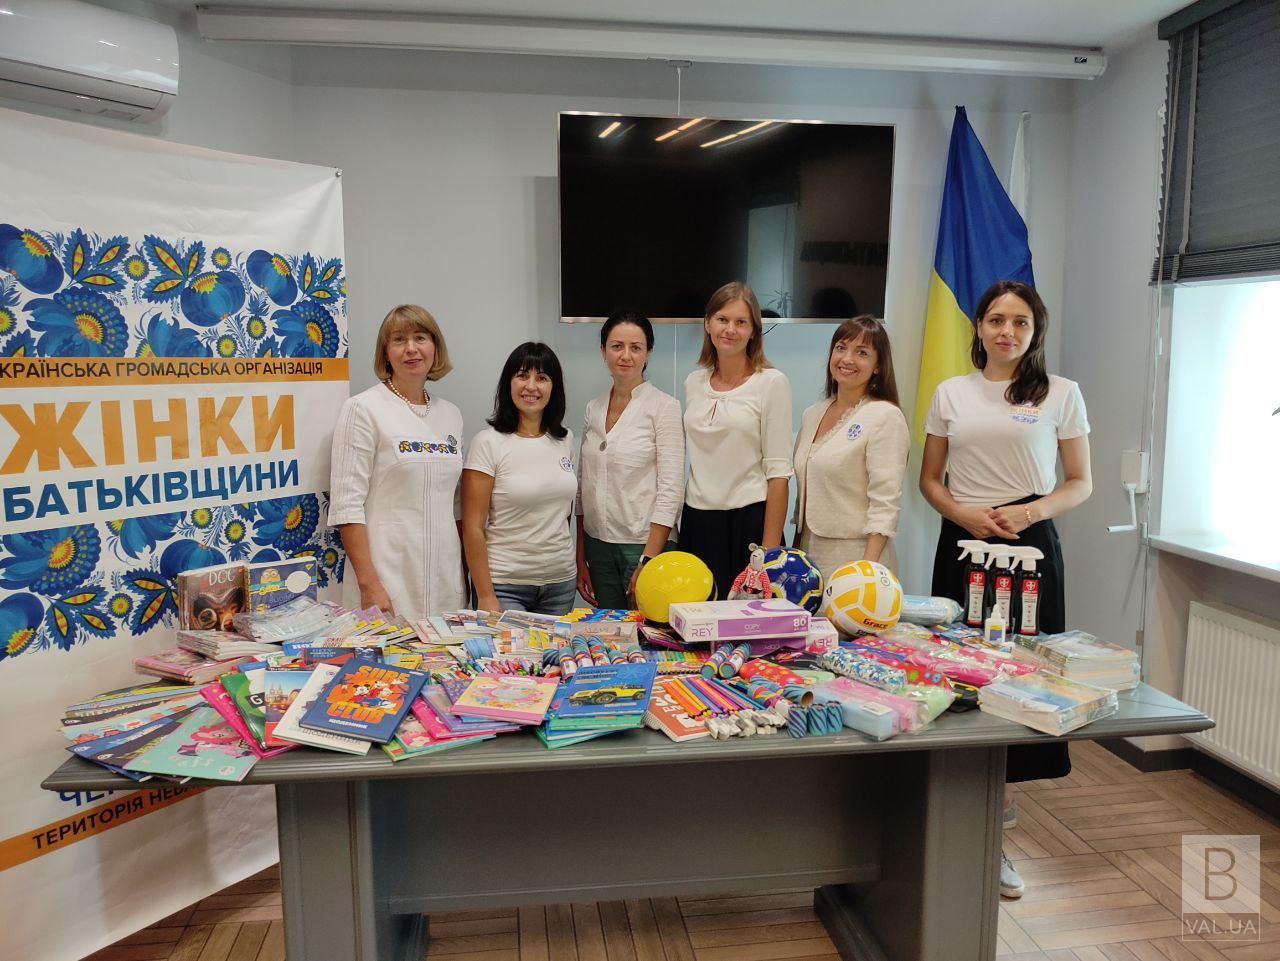 «Збери школярика»: третій рік поспіль «Жінки Батьківщини» проводять благодійну акцію на Чернігівщині. ФОТО